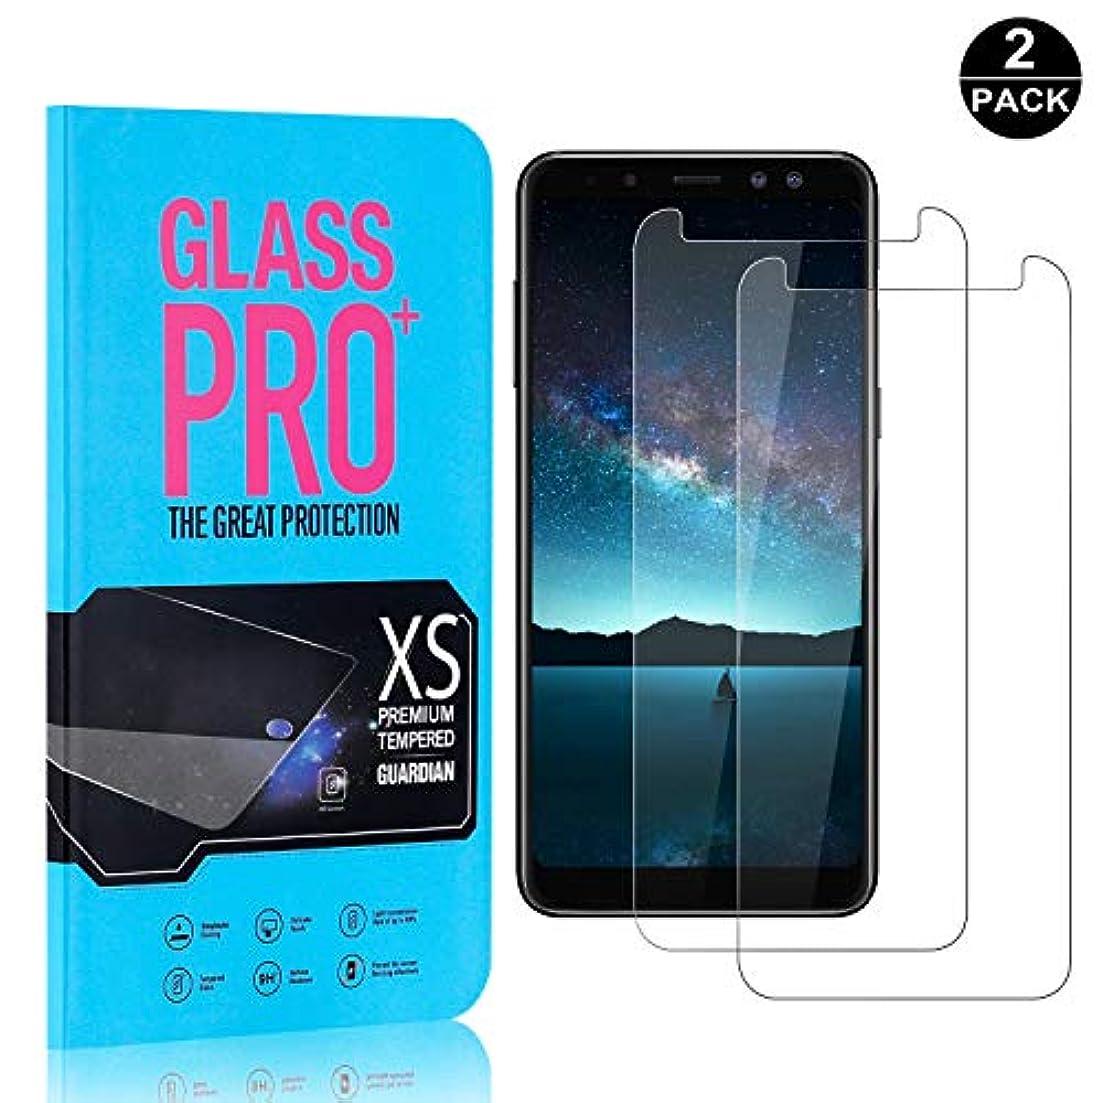 特権鷲まともな【2枚セット】 Galaxy A8 2018 超薄 フィルム CUNUS Samsung Galaxy A8 2018 専用設計 強化ガラスフィルム 高透明度で 気泡防止 飛散防止 硬度9H 耐衝撃 超薄0.26mm 液晶保護...